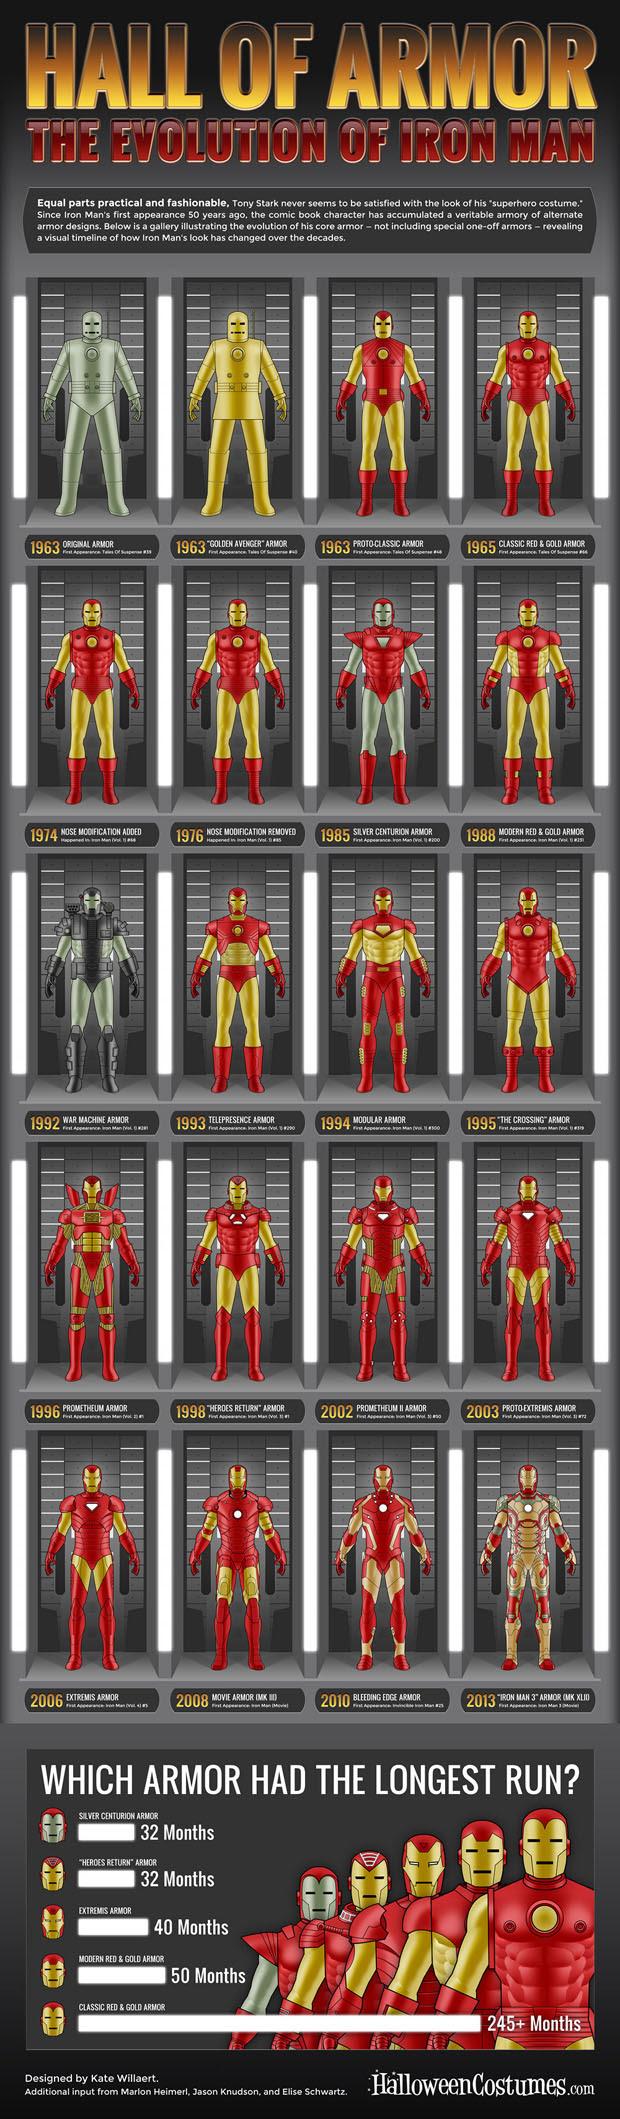 evolucion de las armaduras de iron man